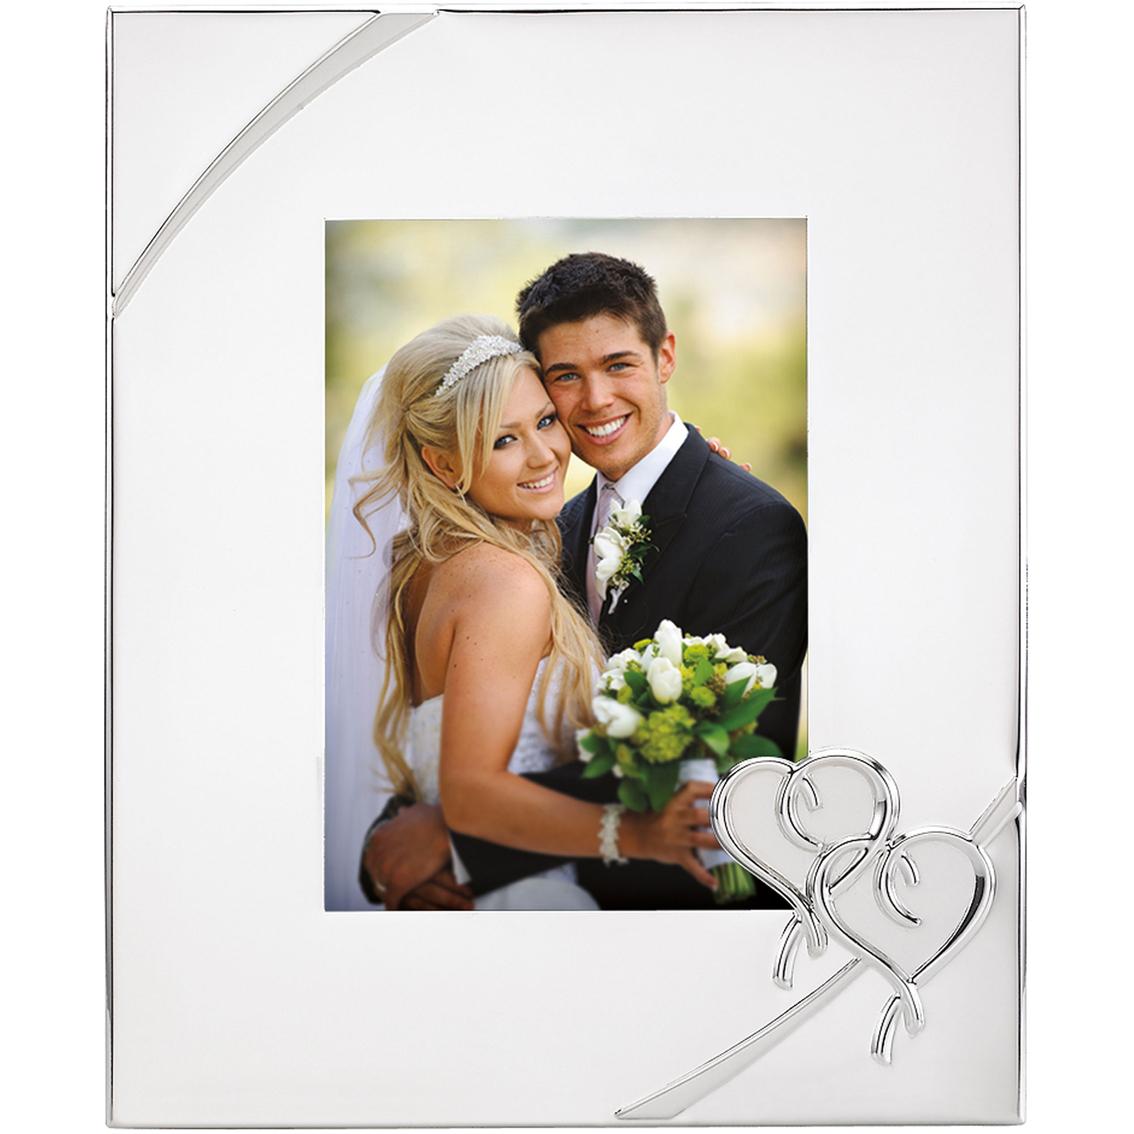 Lenox True Love 5 In. X 7 In. Photo Frame | Frames | Home ...